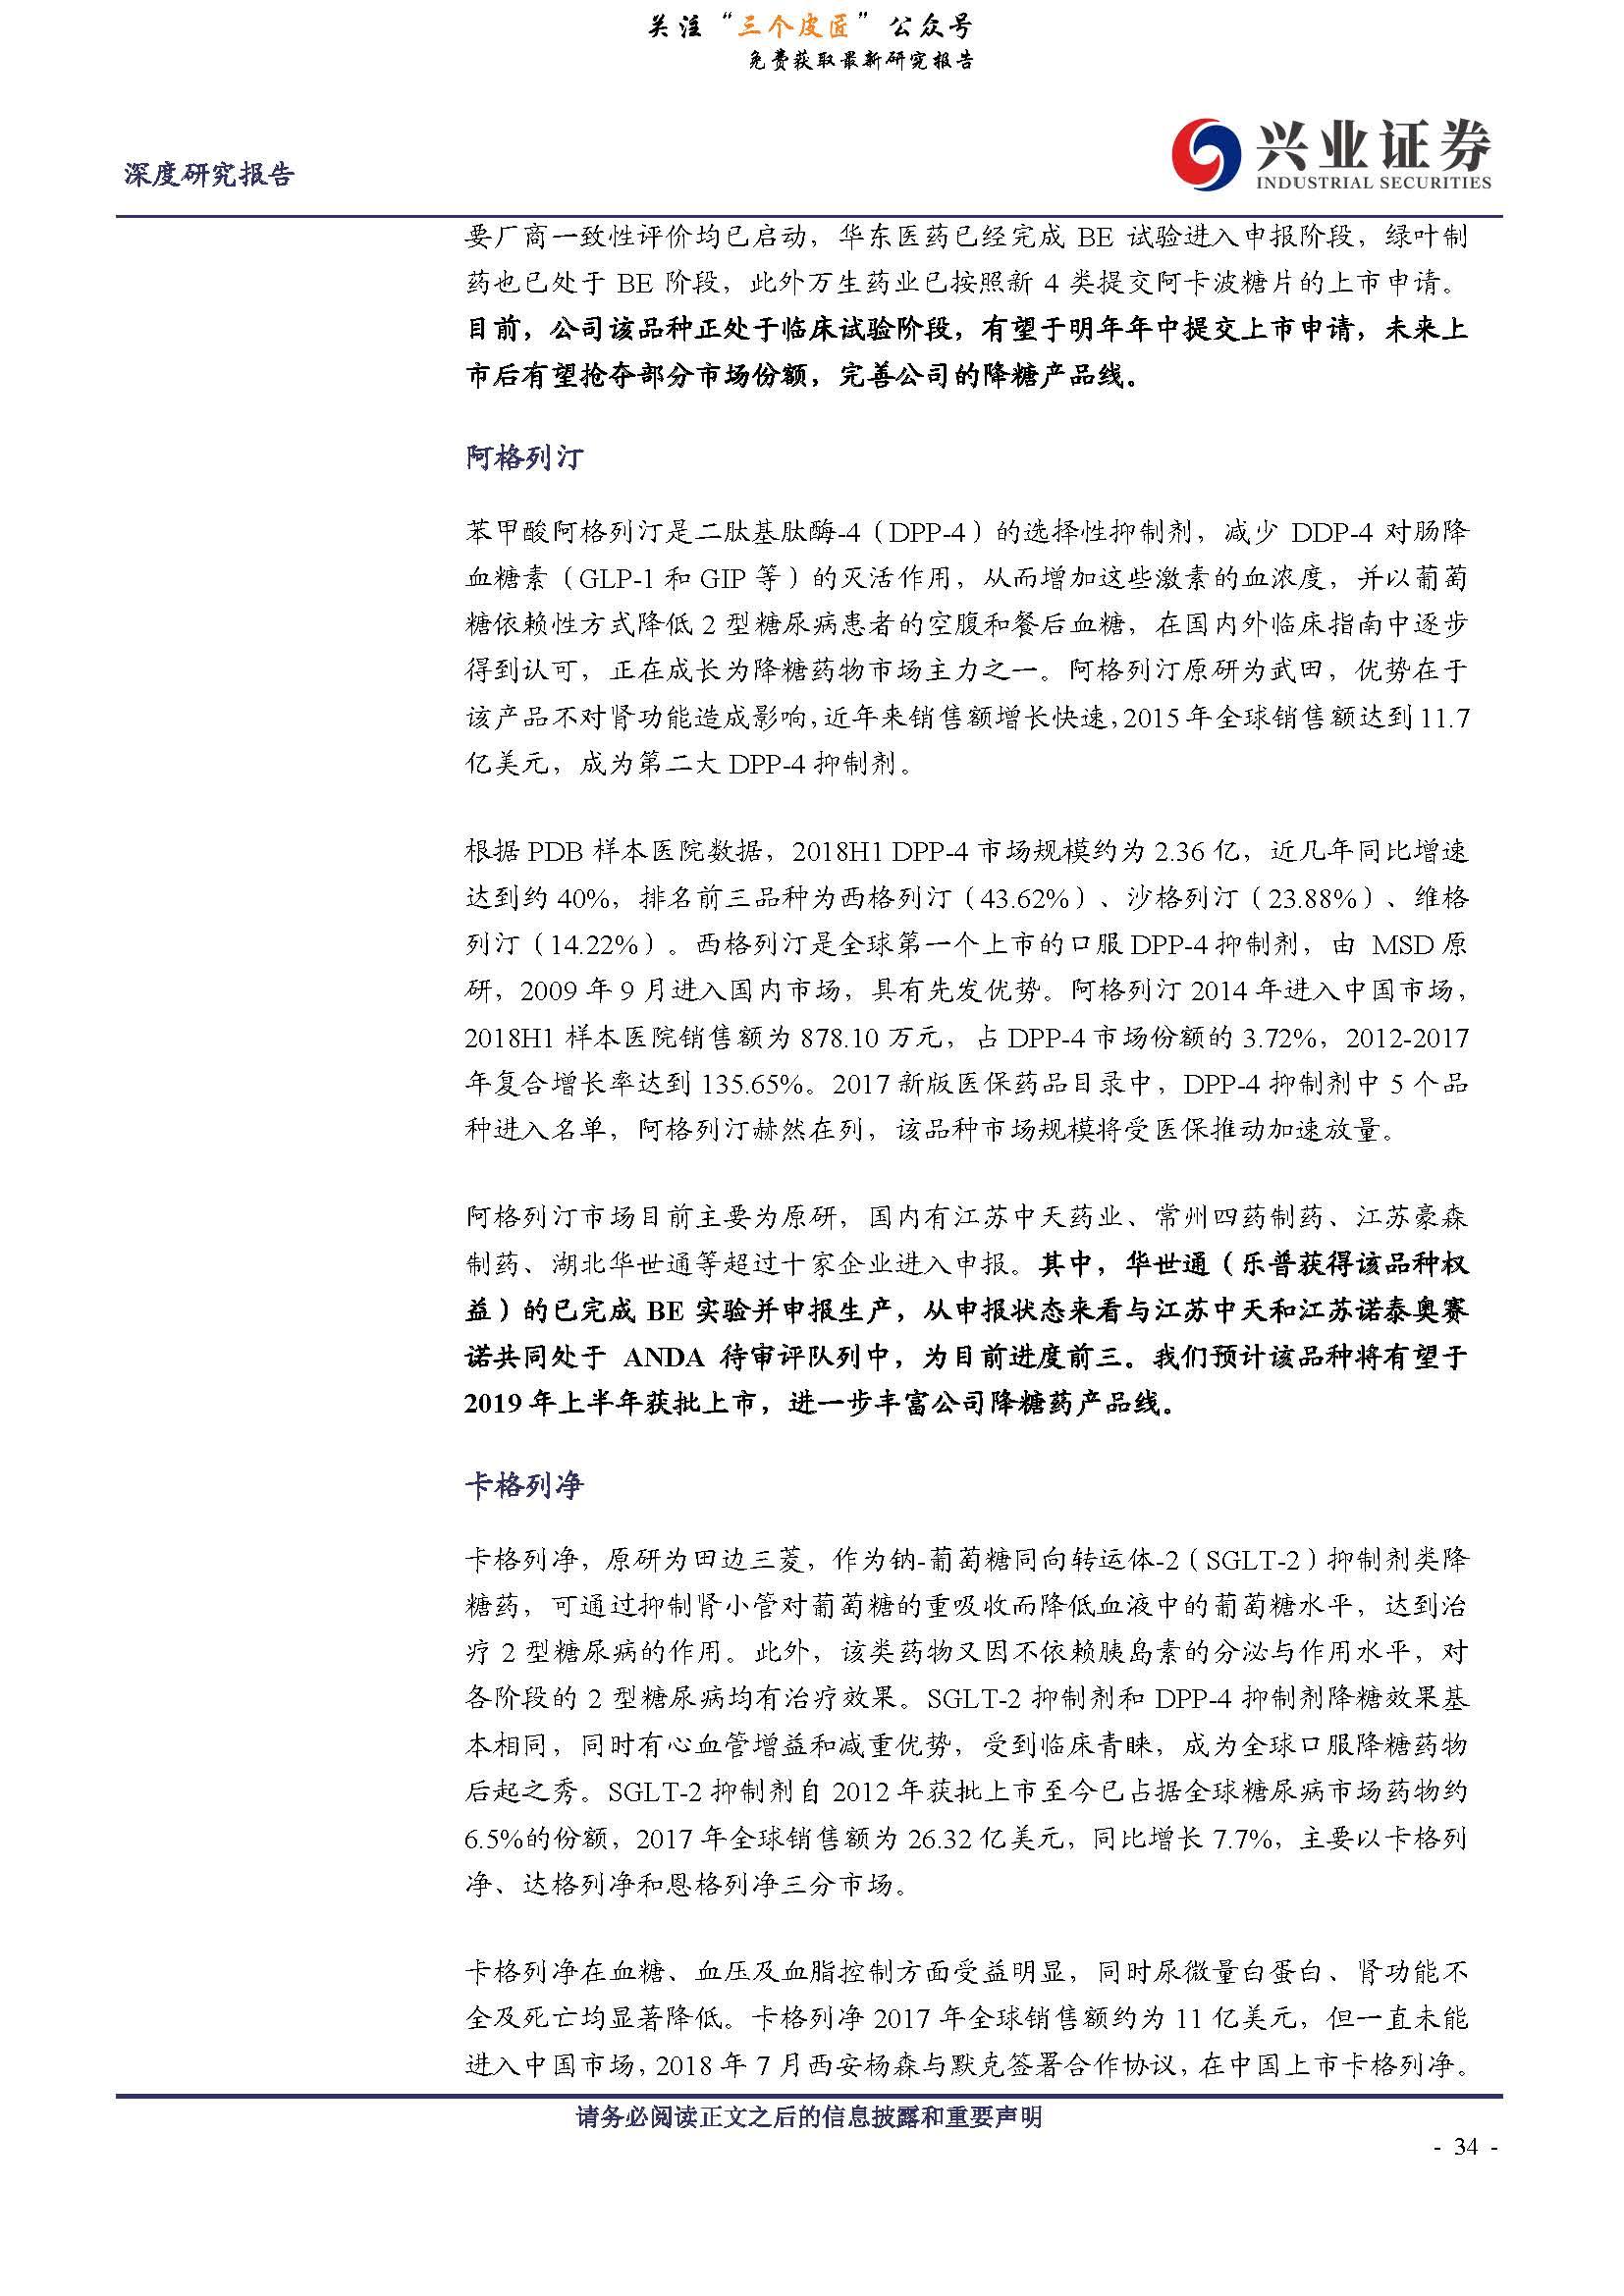 1_页面_34.jpg